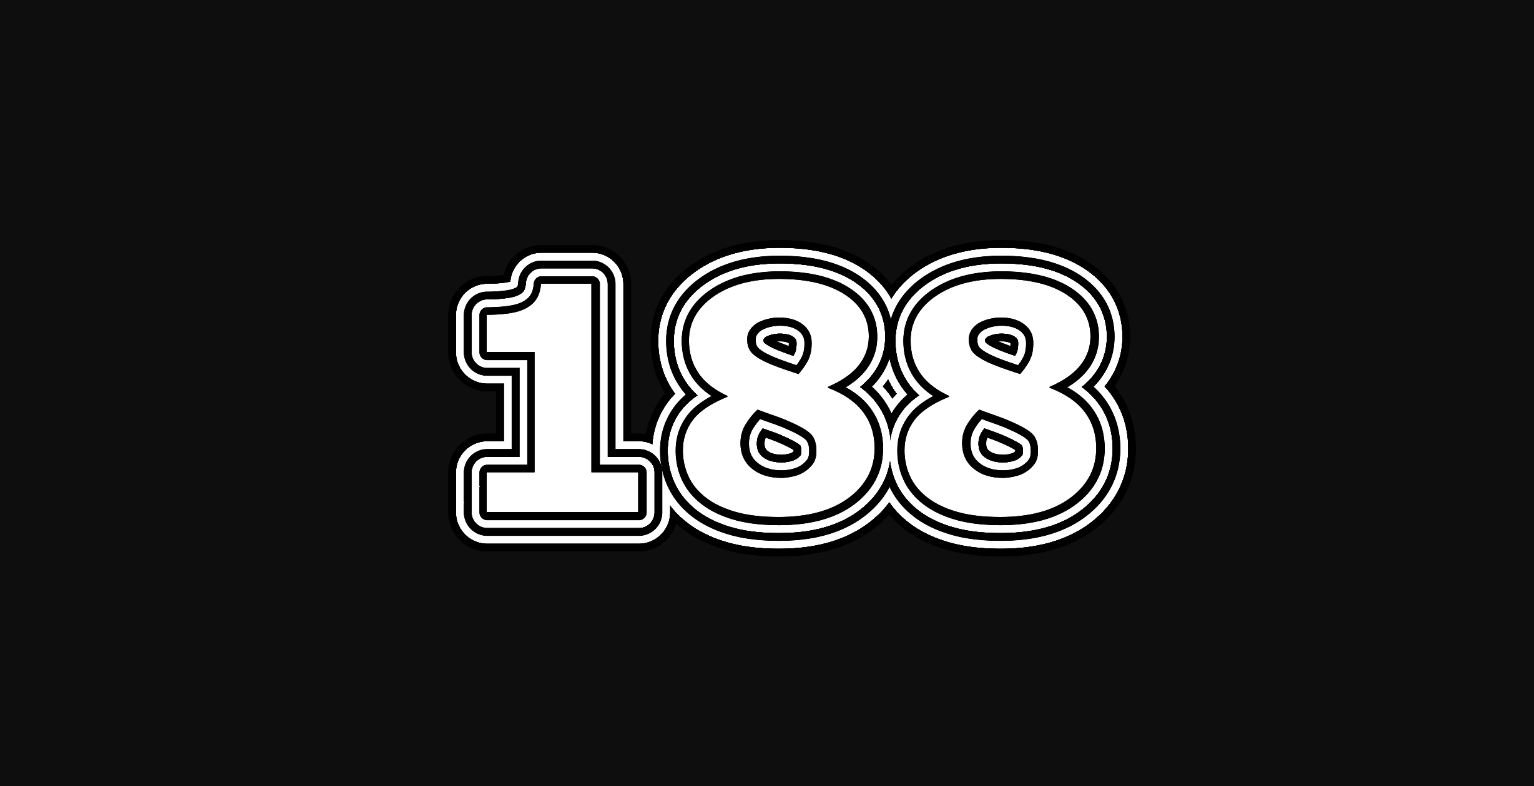 Die Bedeutung der Zahl 188